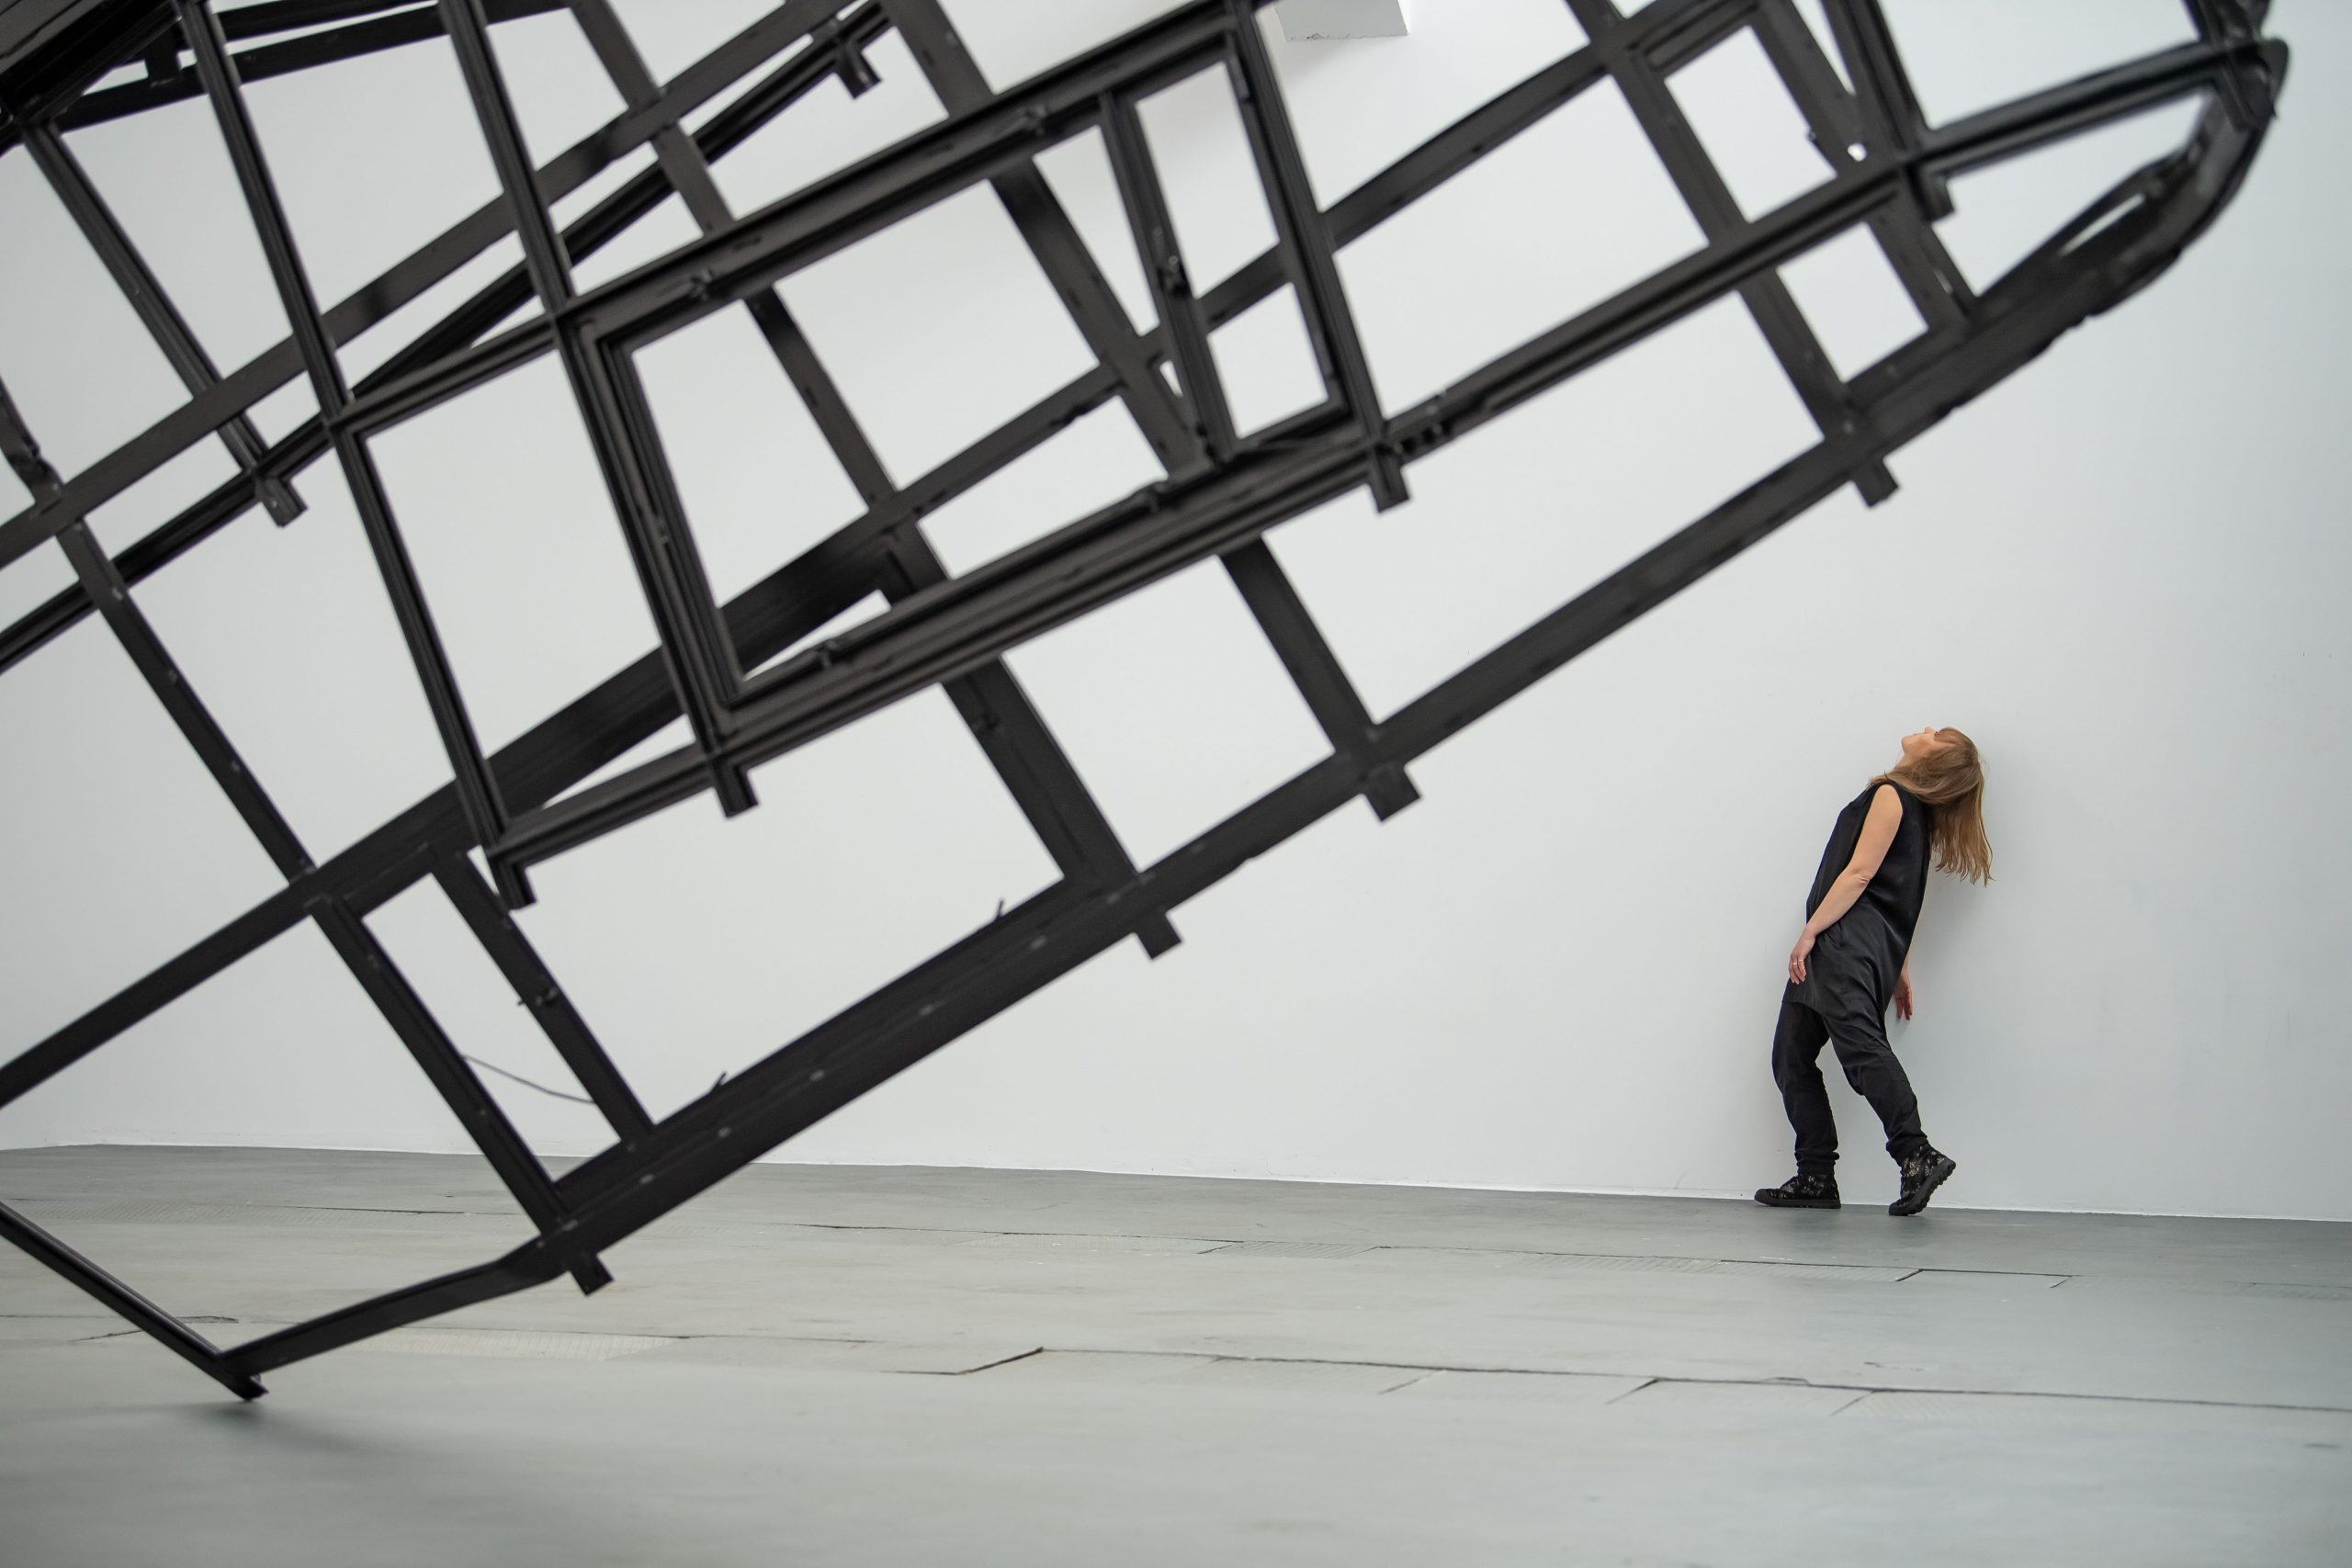 Monika Sosnowska's Façade